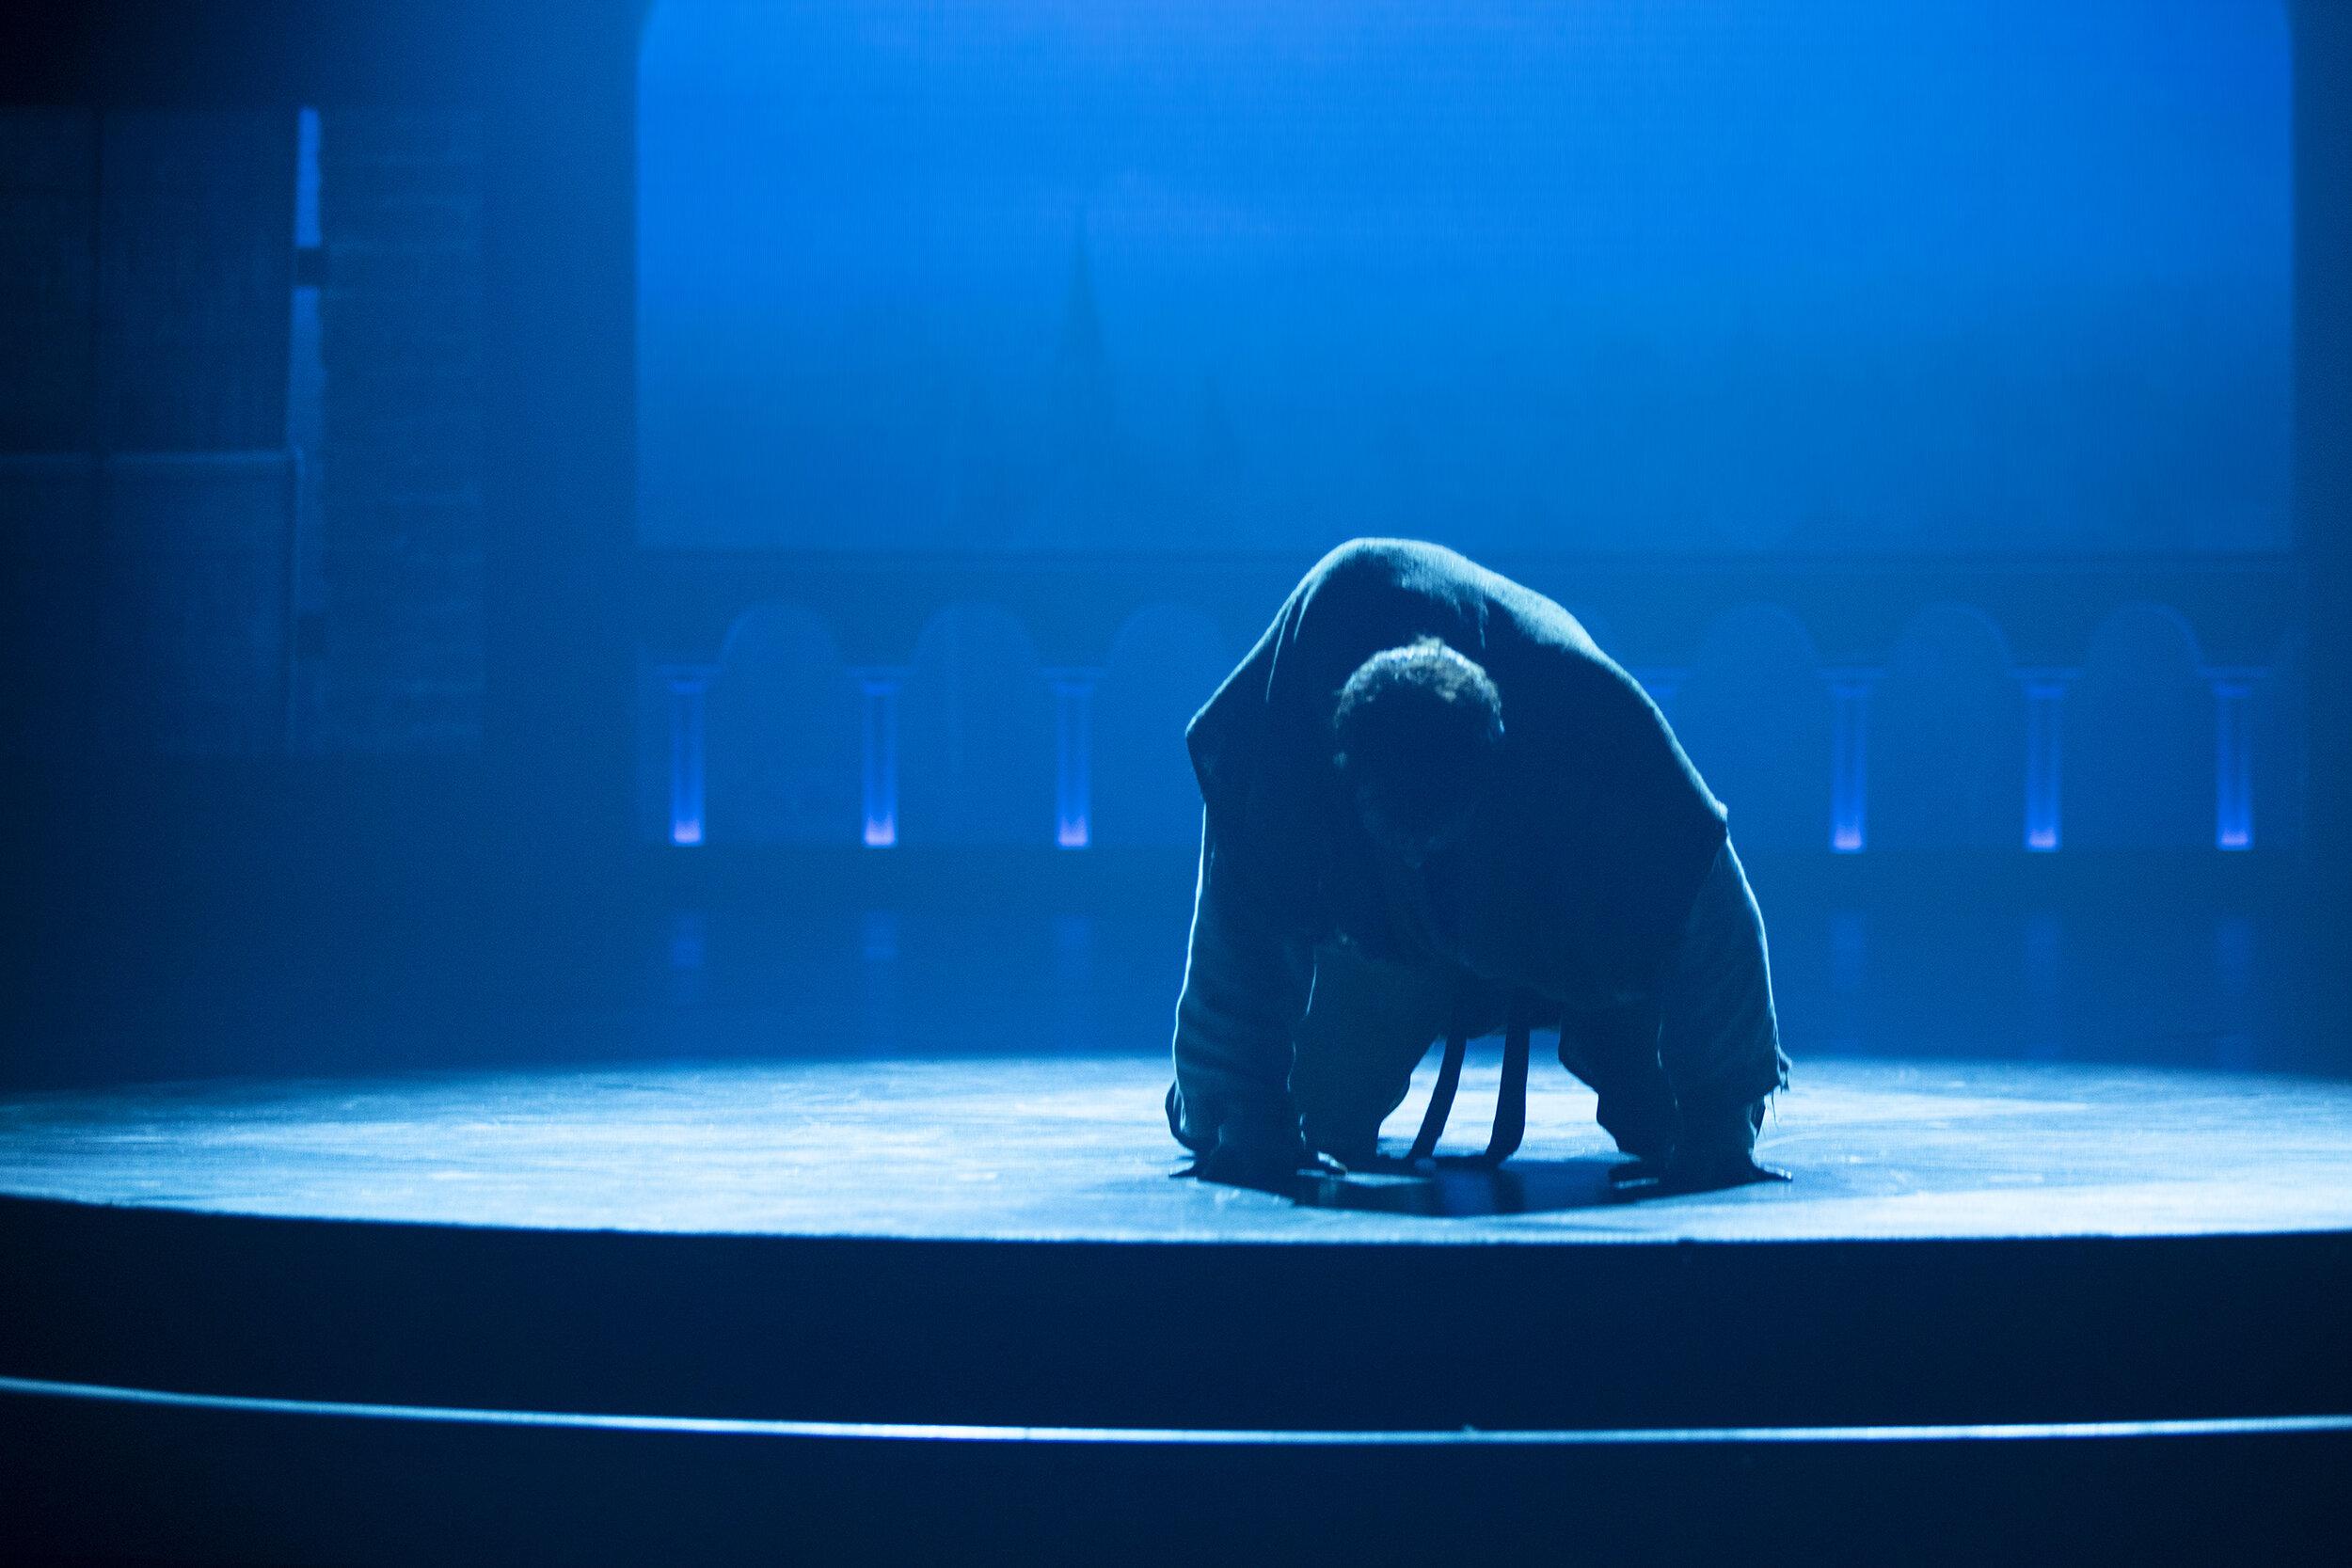 Senest har jeg lavet pressebilleder for Fredericia Teater og af deres genopsætning af Klokkeren Fra Notre Dame.